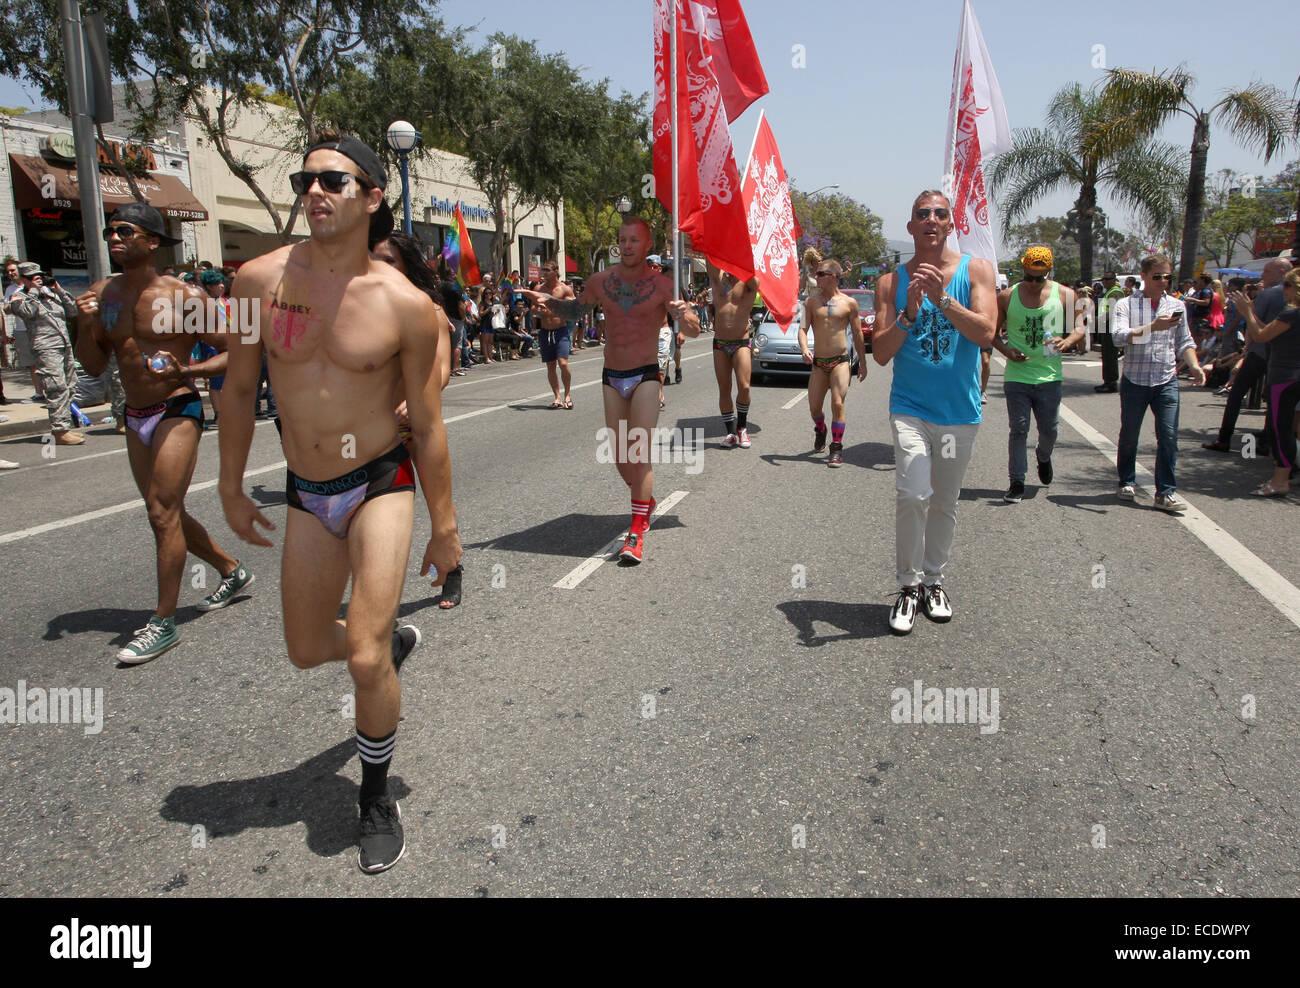 gay army nude men